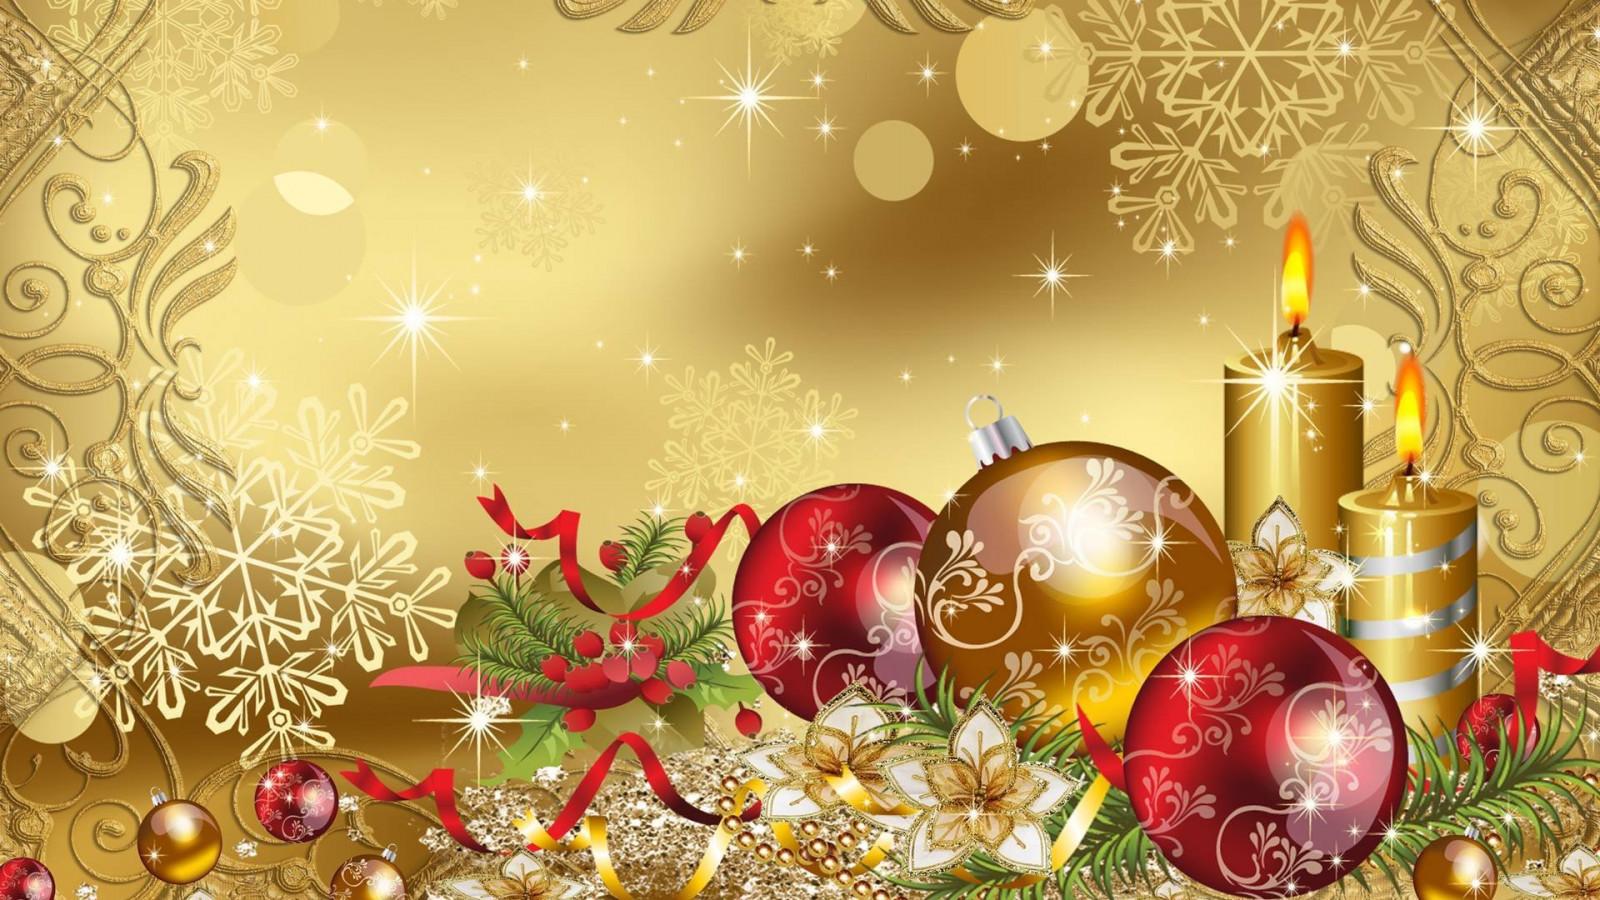 Для, картинка с новым годом и рождеством 2019